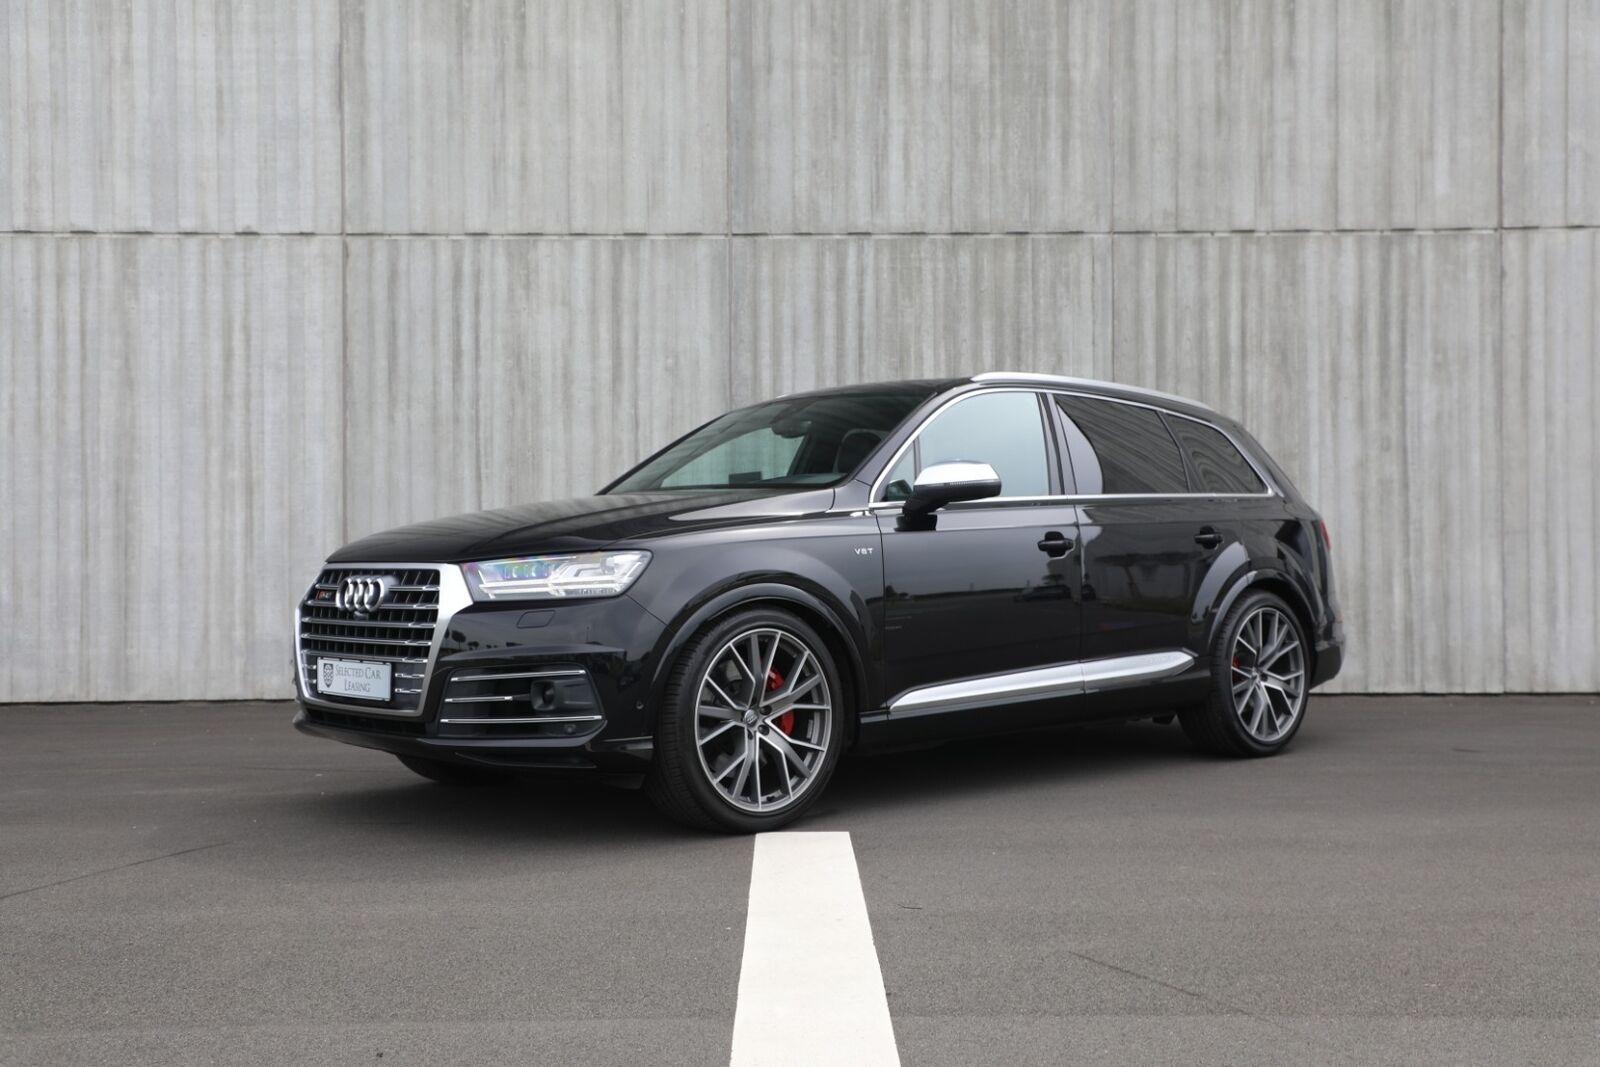 Audi SQ7 4,0 TDi quattro Tiptr. 7prs 5d - 7.196 kr.